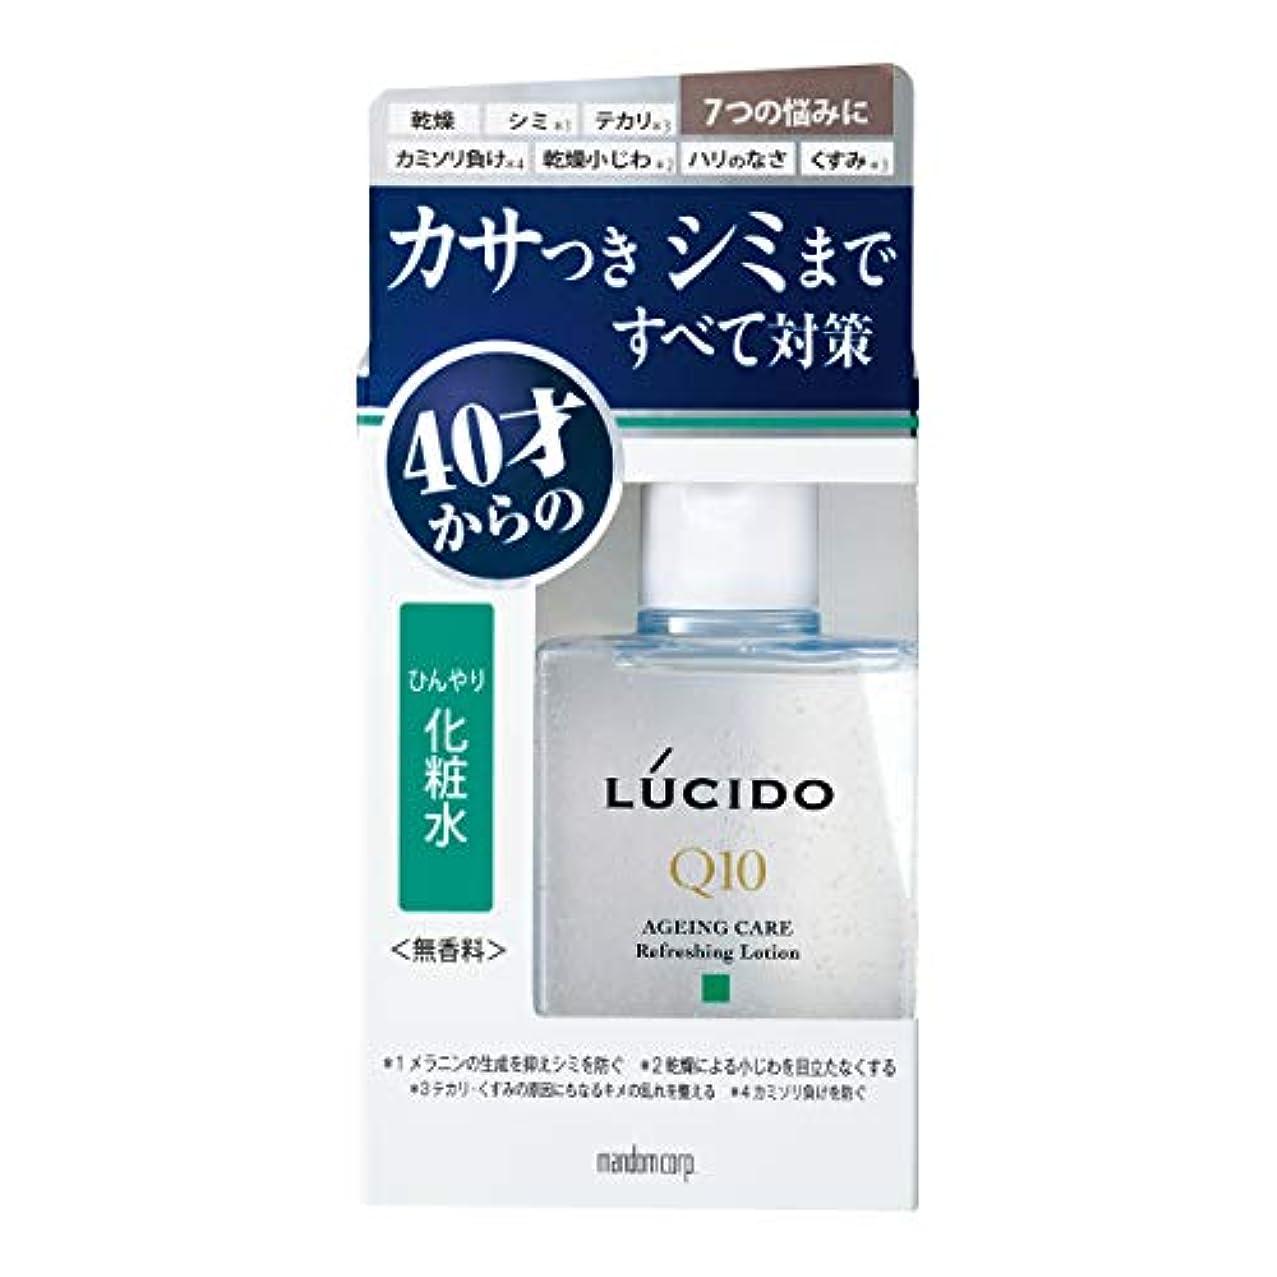 到着ボトルネック裏切るルシード(LUCIDO)薬用 トータルケアひんやり化粧水 メンズ スキンケア さっぱり 110ml(医薬部外品)